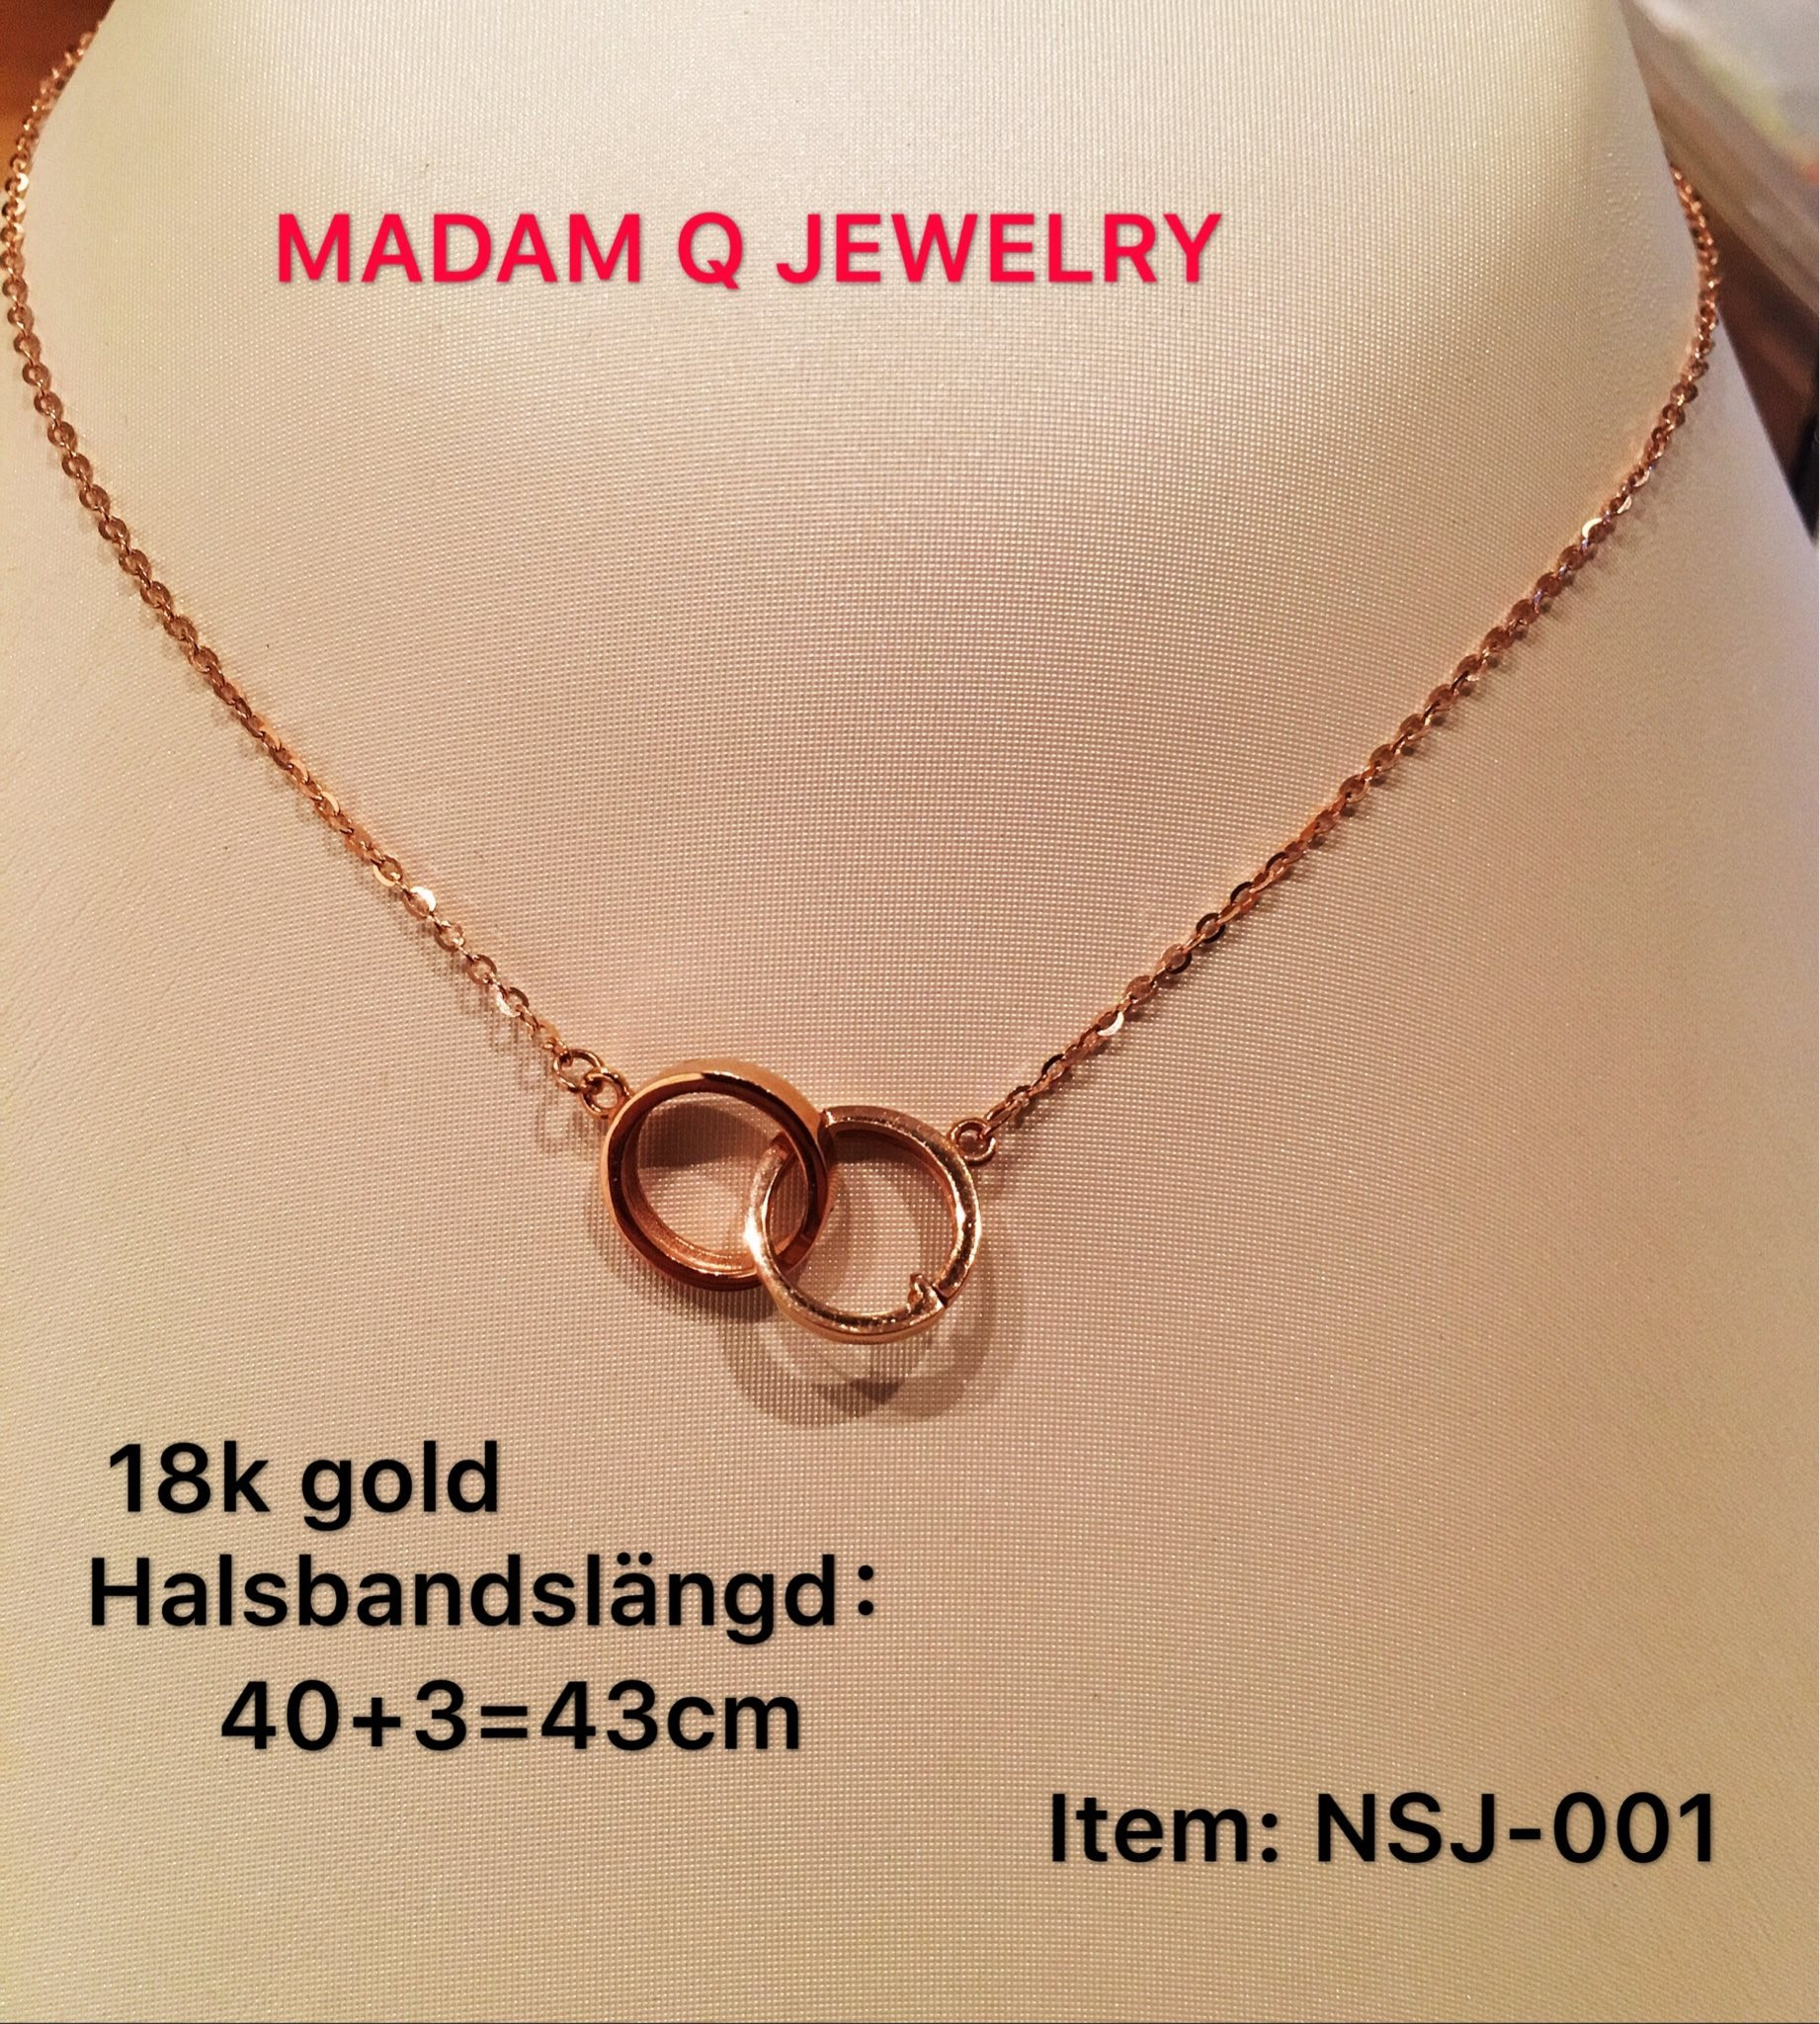 Äkta 18k guld halsband smycken (330155970) ᐈ Köp på Tradera 8119b3779aeda